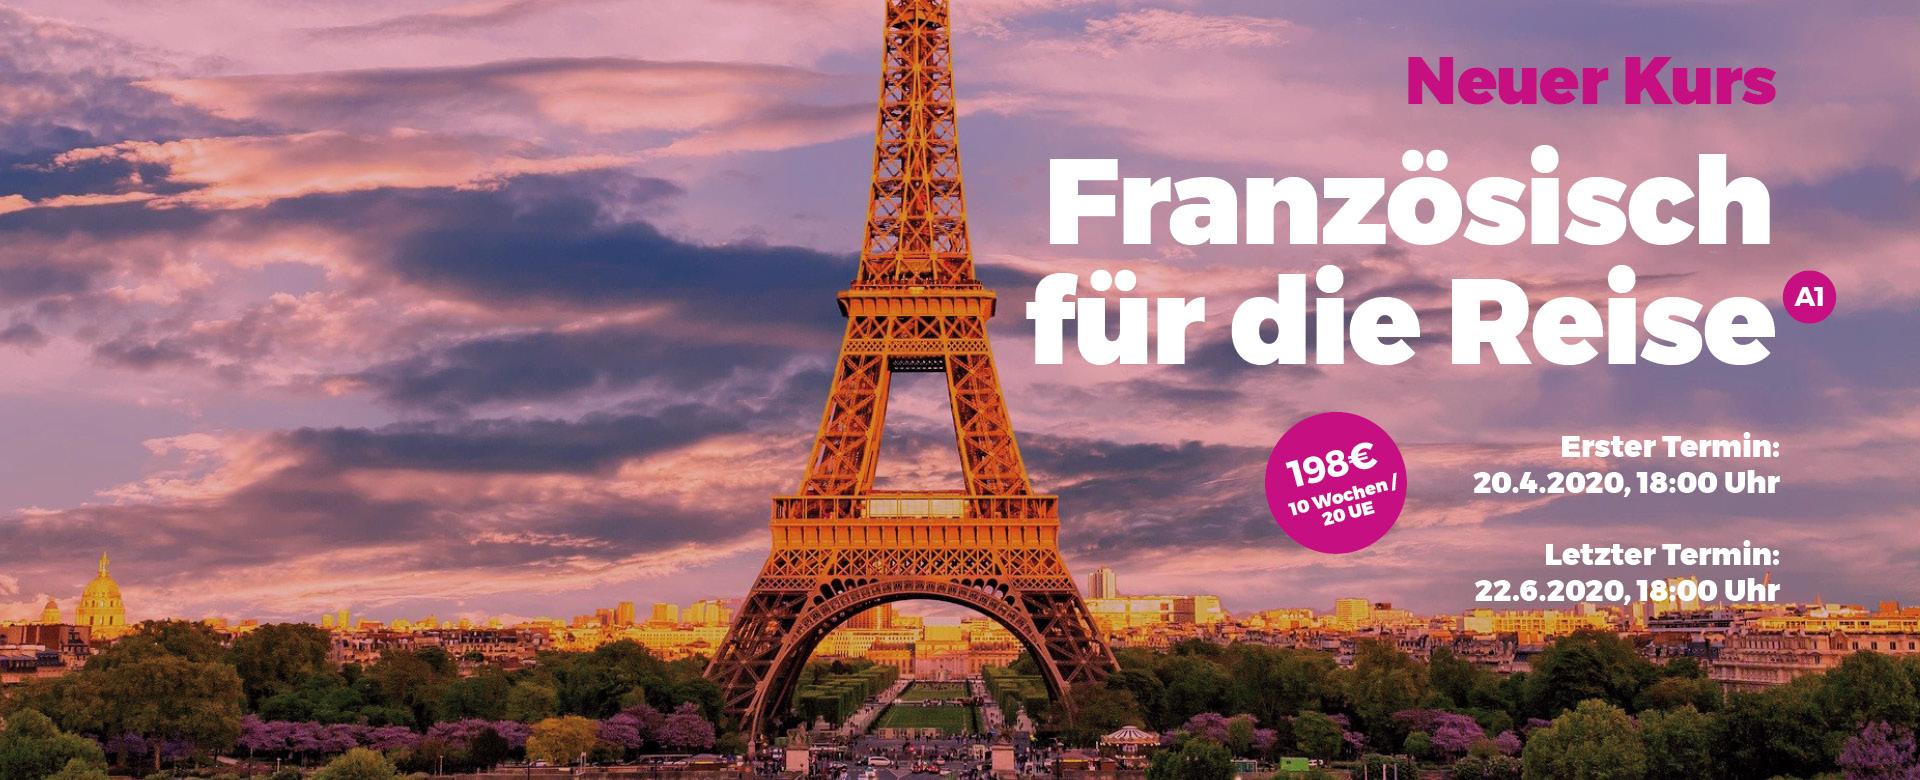 Neuer Kurs: Französisch für die Reise (A1)